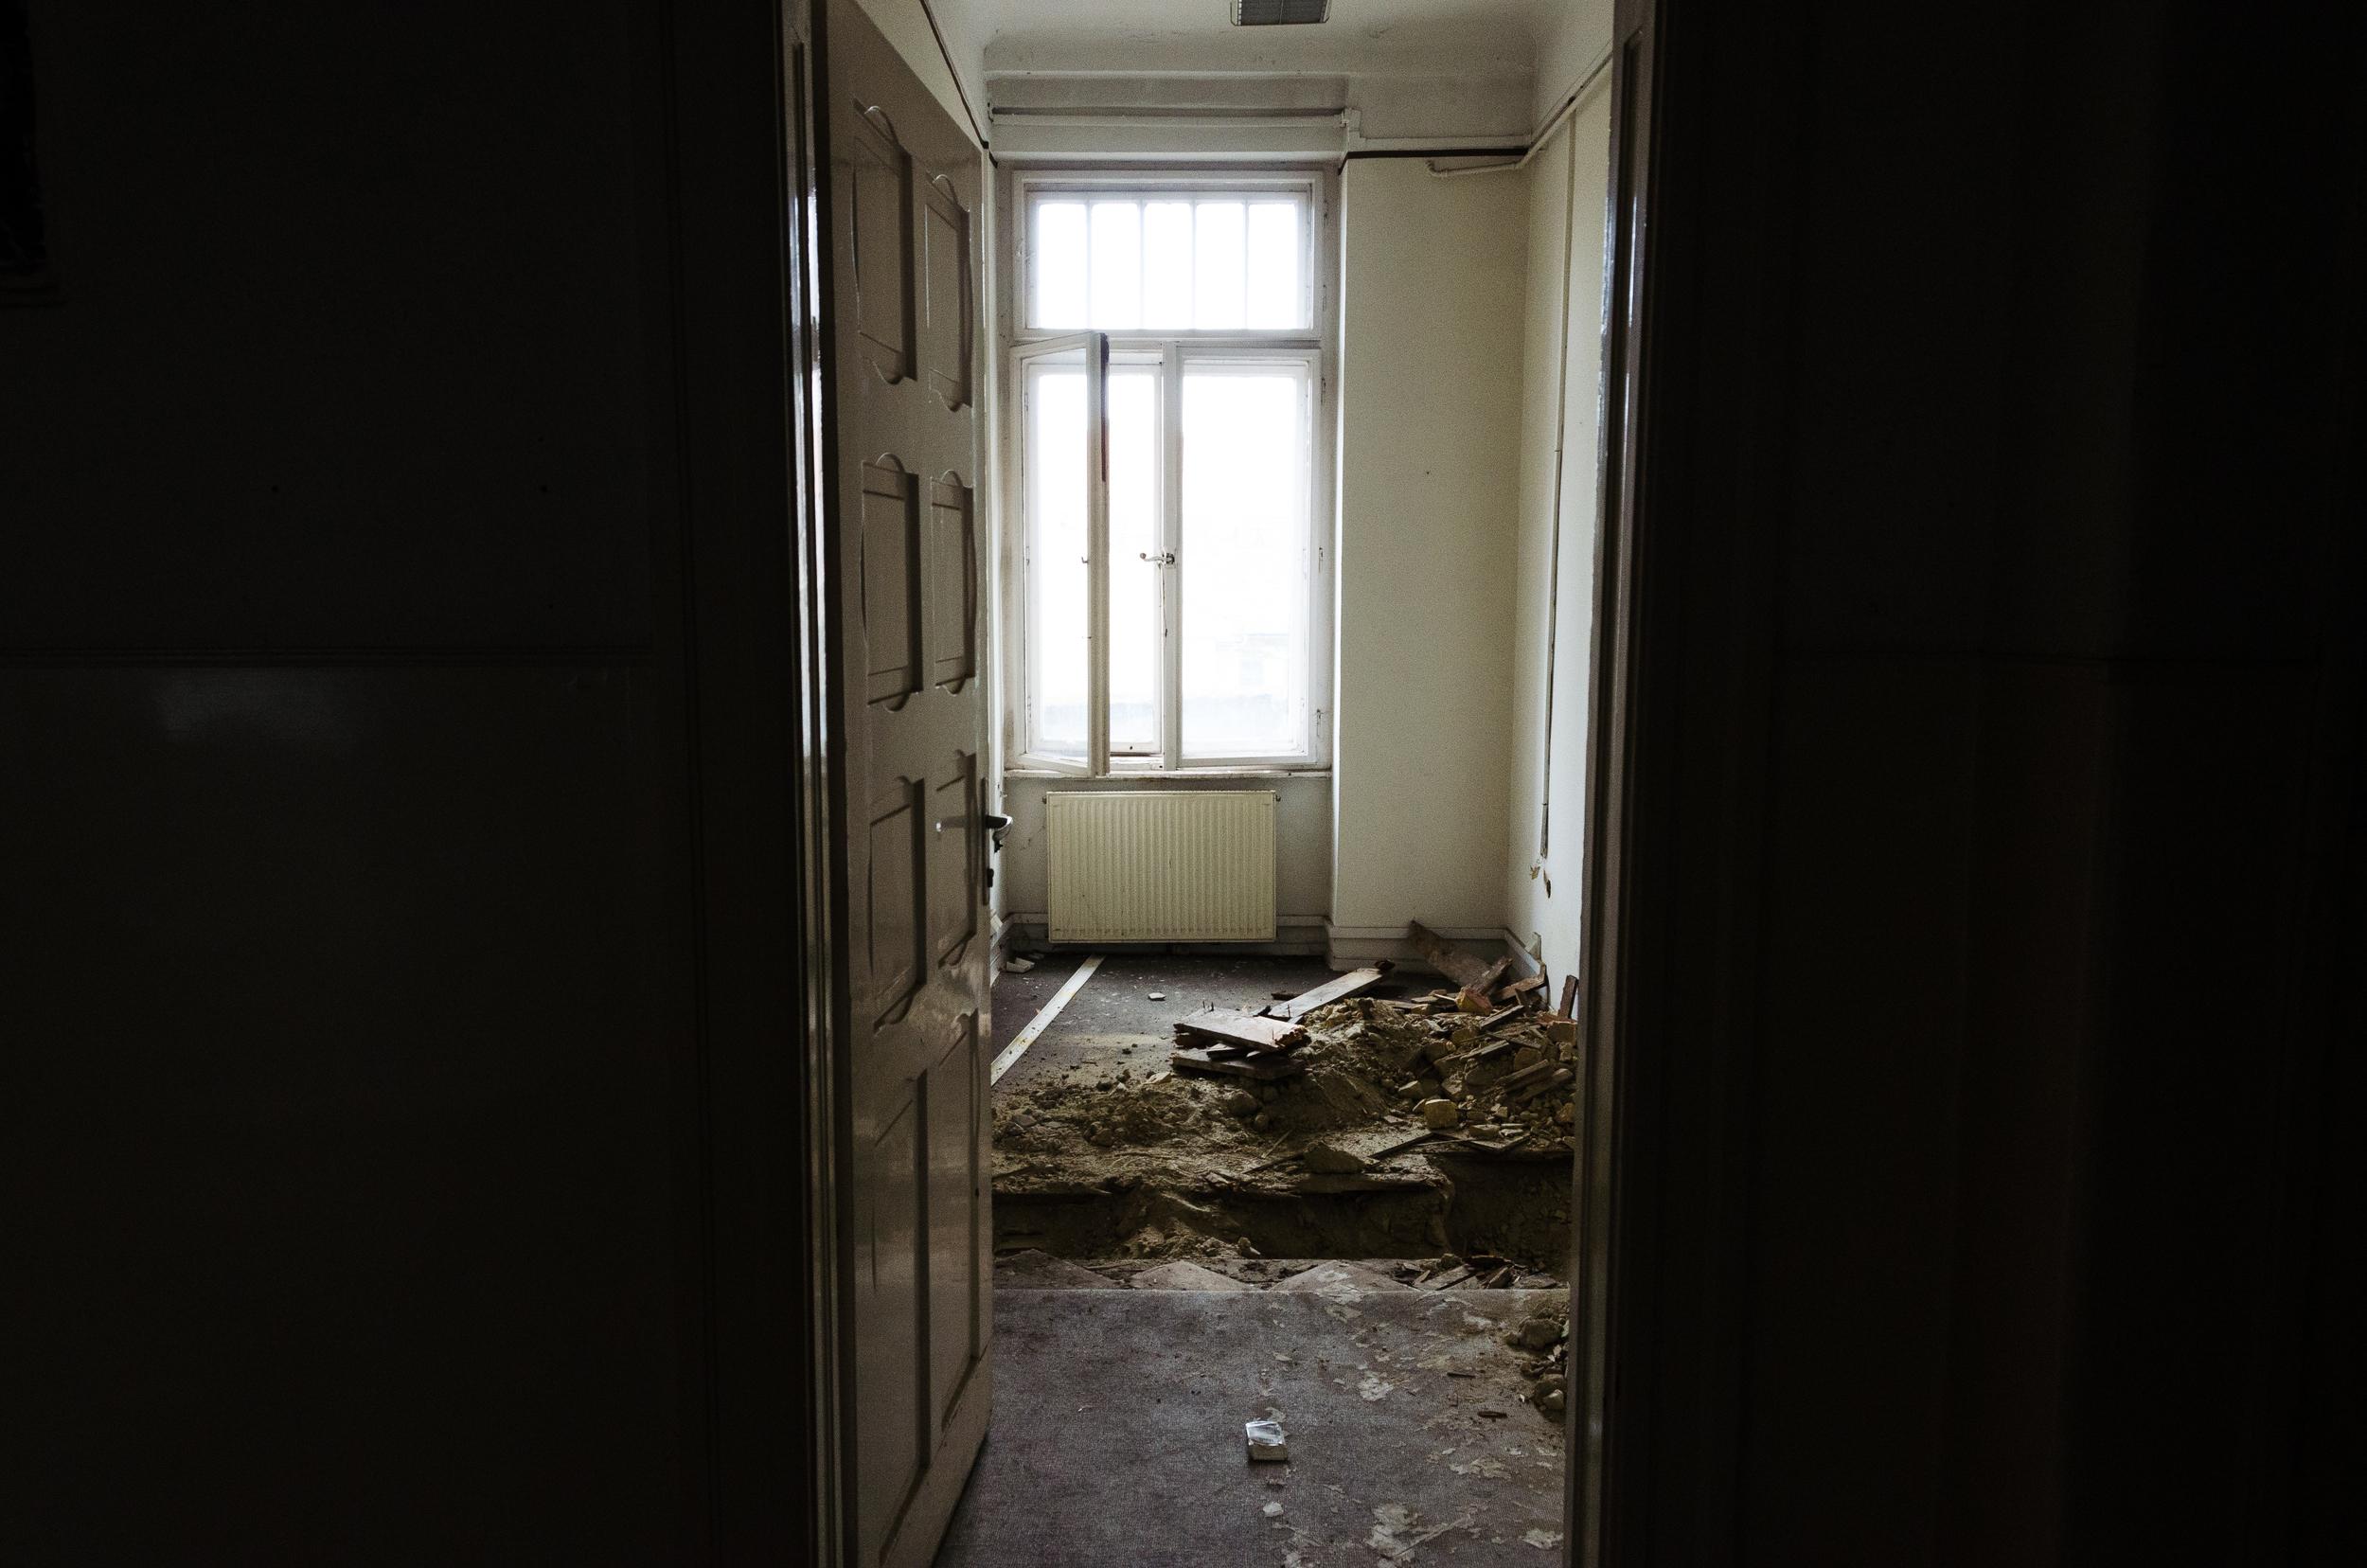 Ilyen és ehhez hasonló megbontásokkal van tele az épület astatikai vizsgálatok miatt.